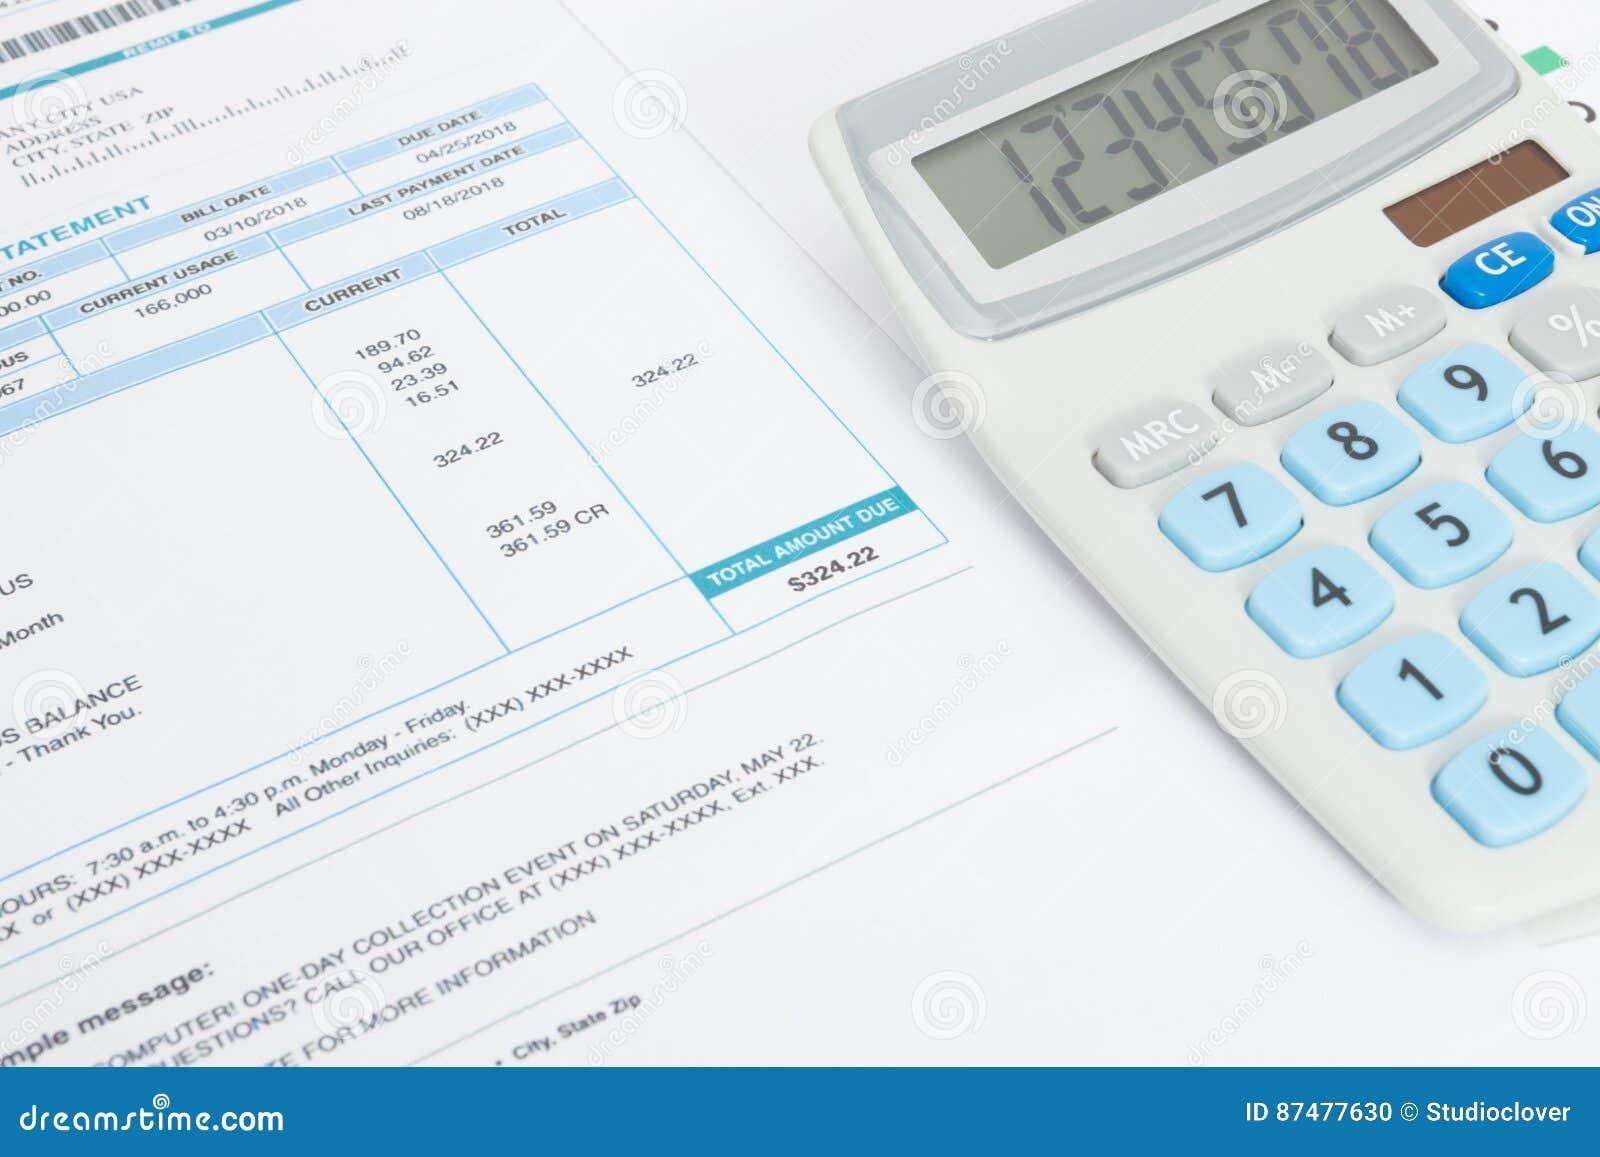 Закройте вверх по студии снятой бесплатных счетов за коммунальные услуги и калькулятора над им